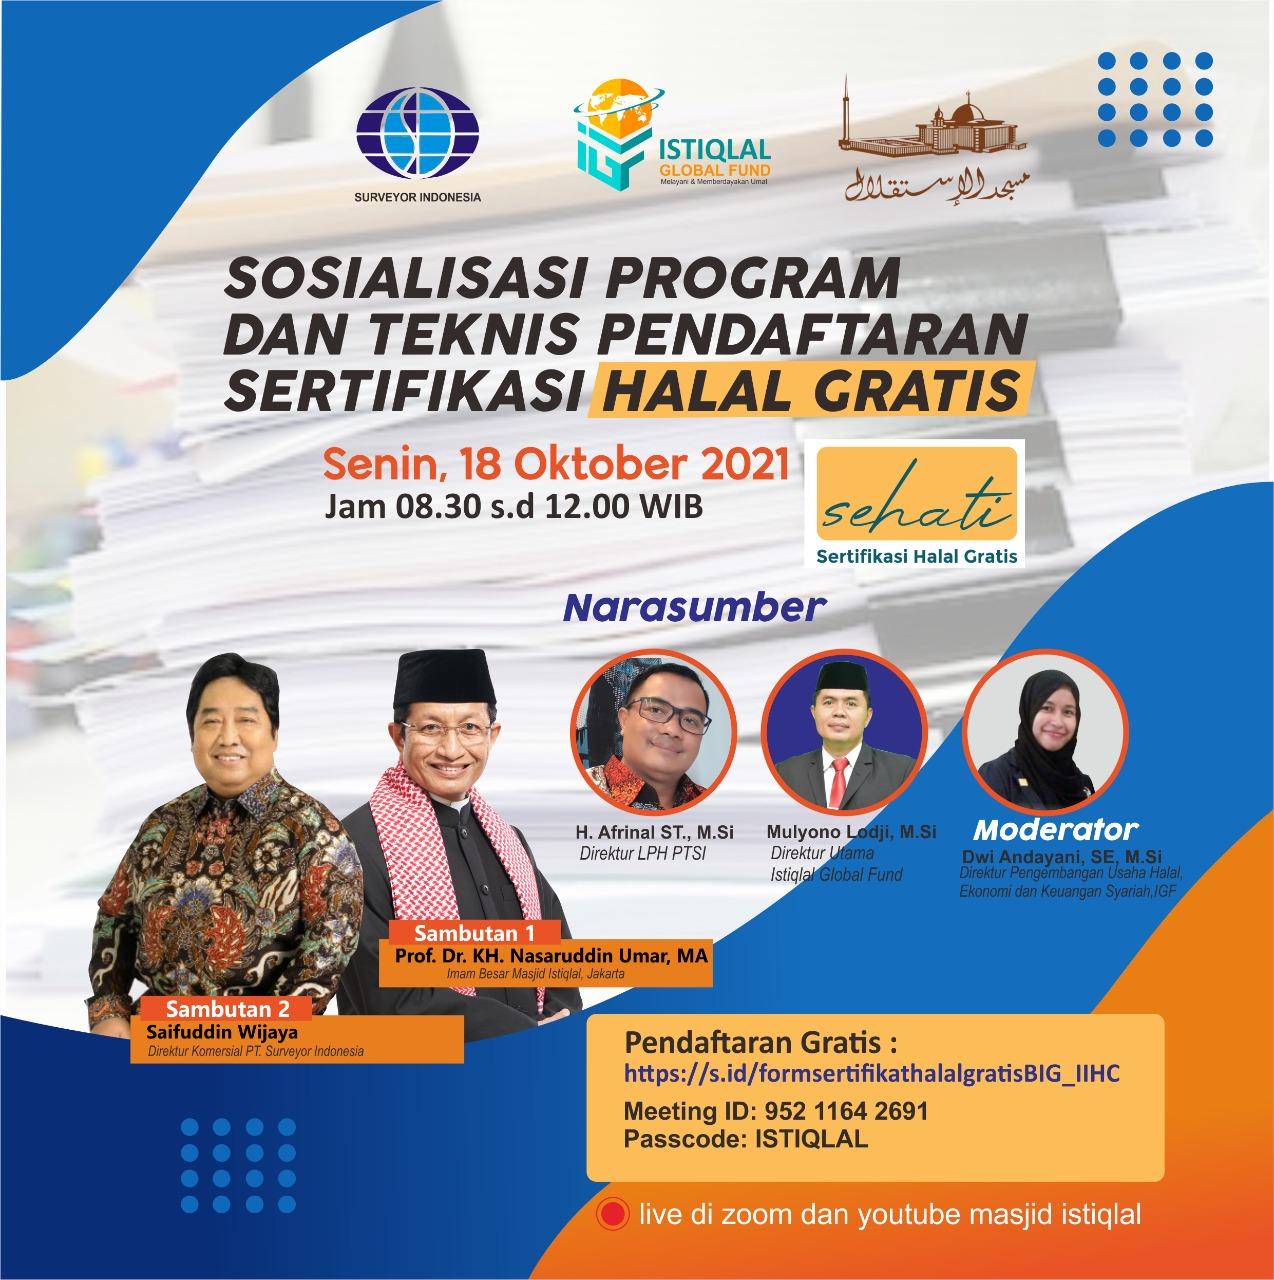 Sosialisasi Program dan Teknis Pendaftaran Sertifikasi Halal Gratis